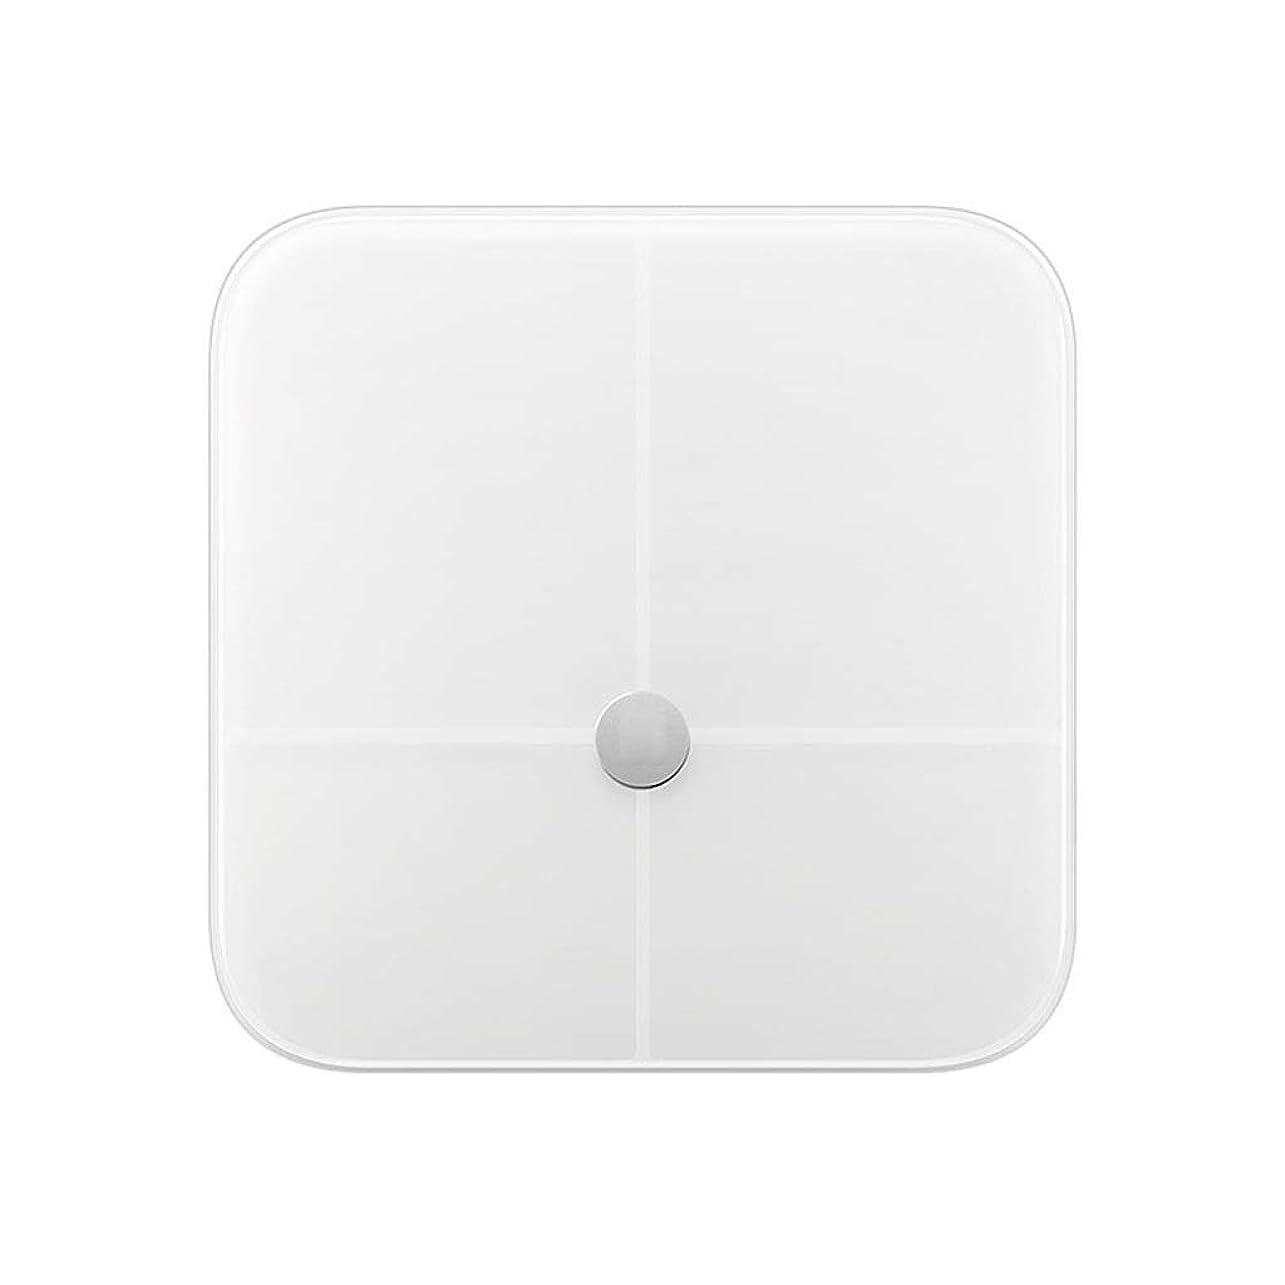 ミリメートル透けて見える終了しました緩和されたガラスプラットホーム、電子スケール200kg容量のバックライト付きディスプレイが付いている白い高精度のデジタル重量の体重計